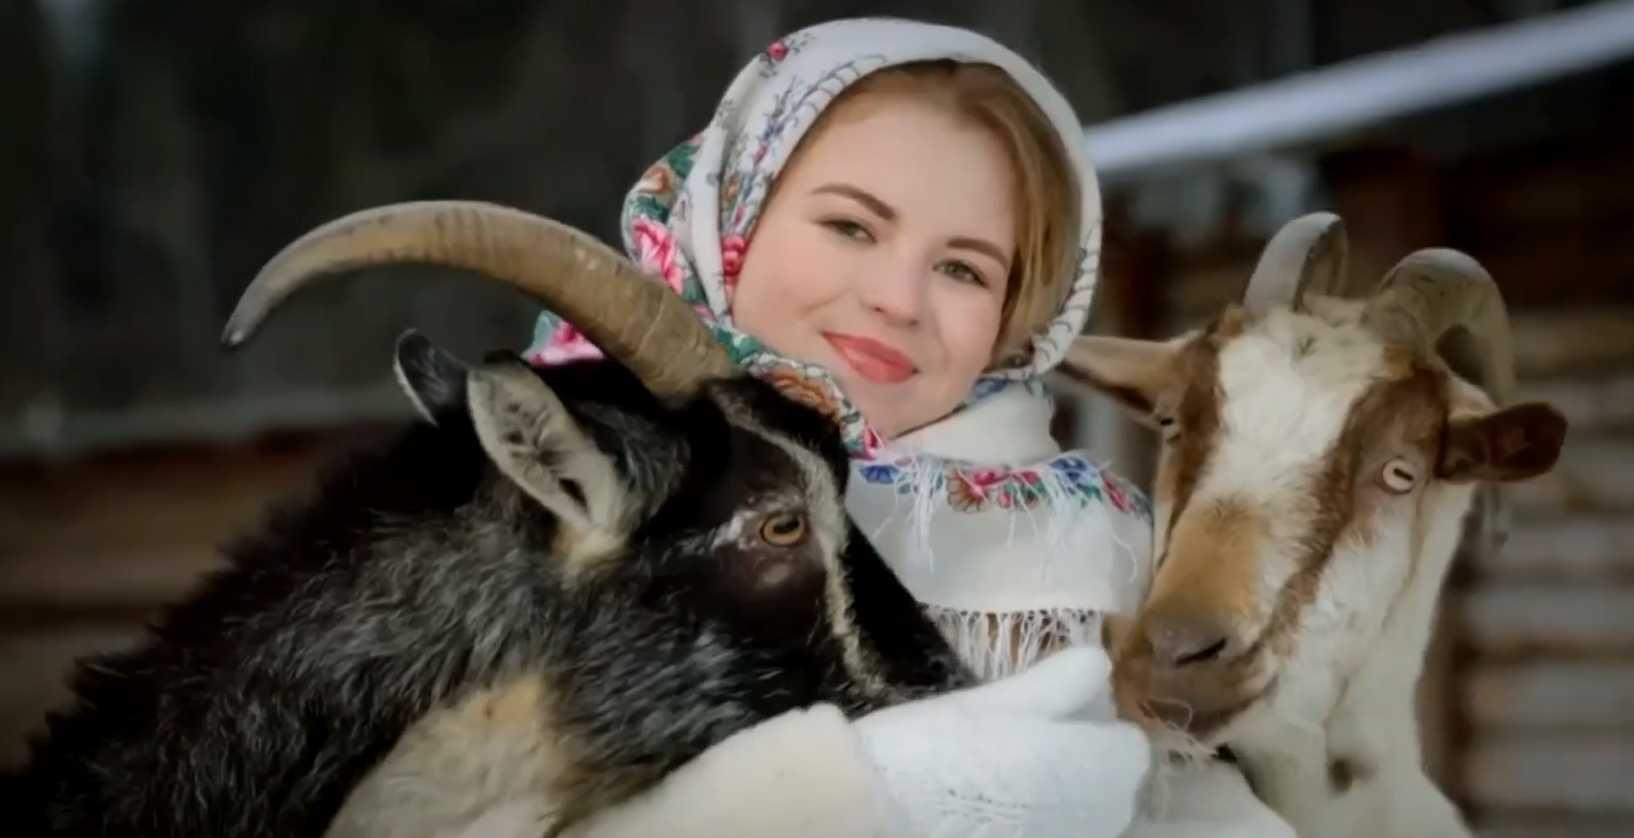 大冬会 | 领略叶尼塞西伯利亚少数民族的风土人情